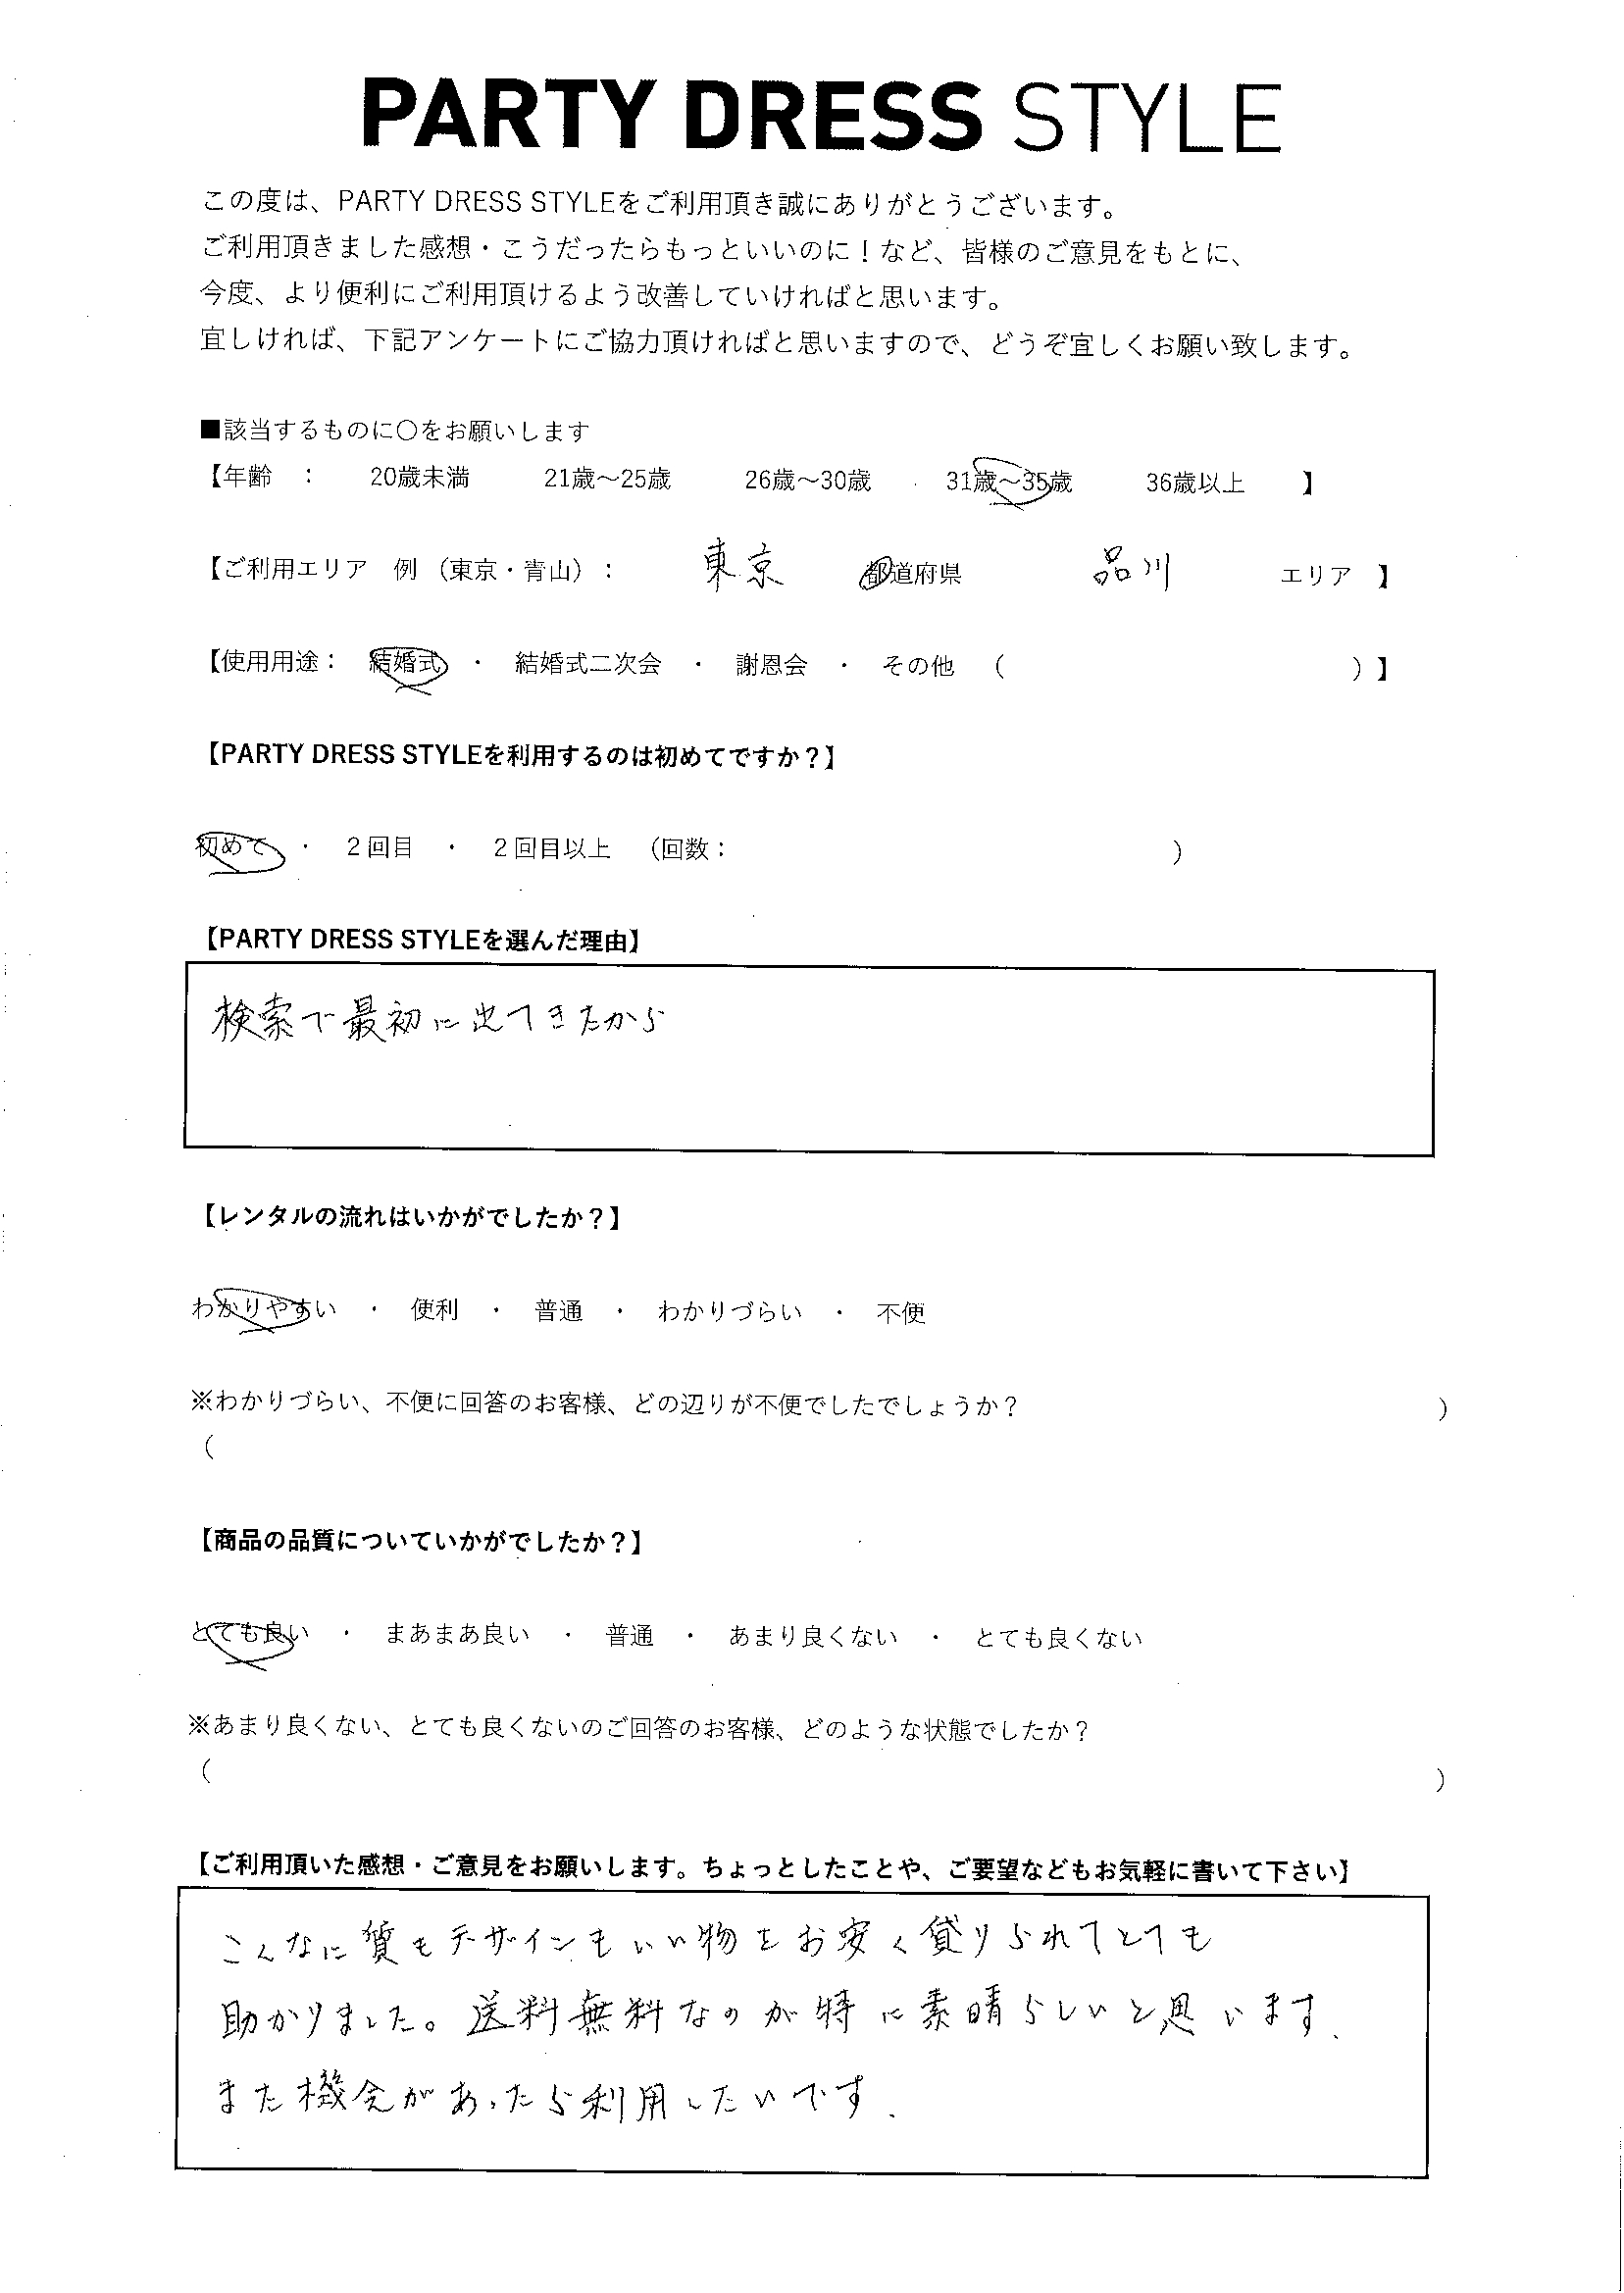 9/19結婚式ご利用 東京・品川エリア